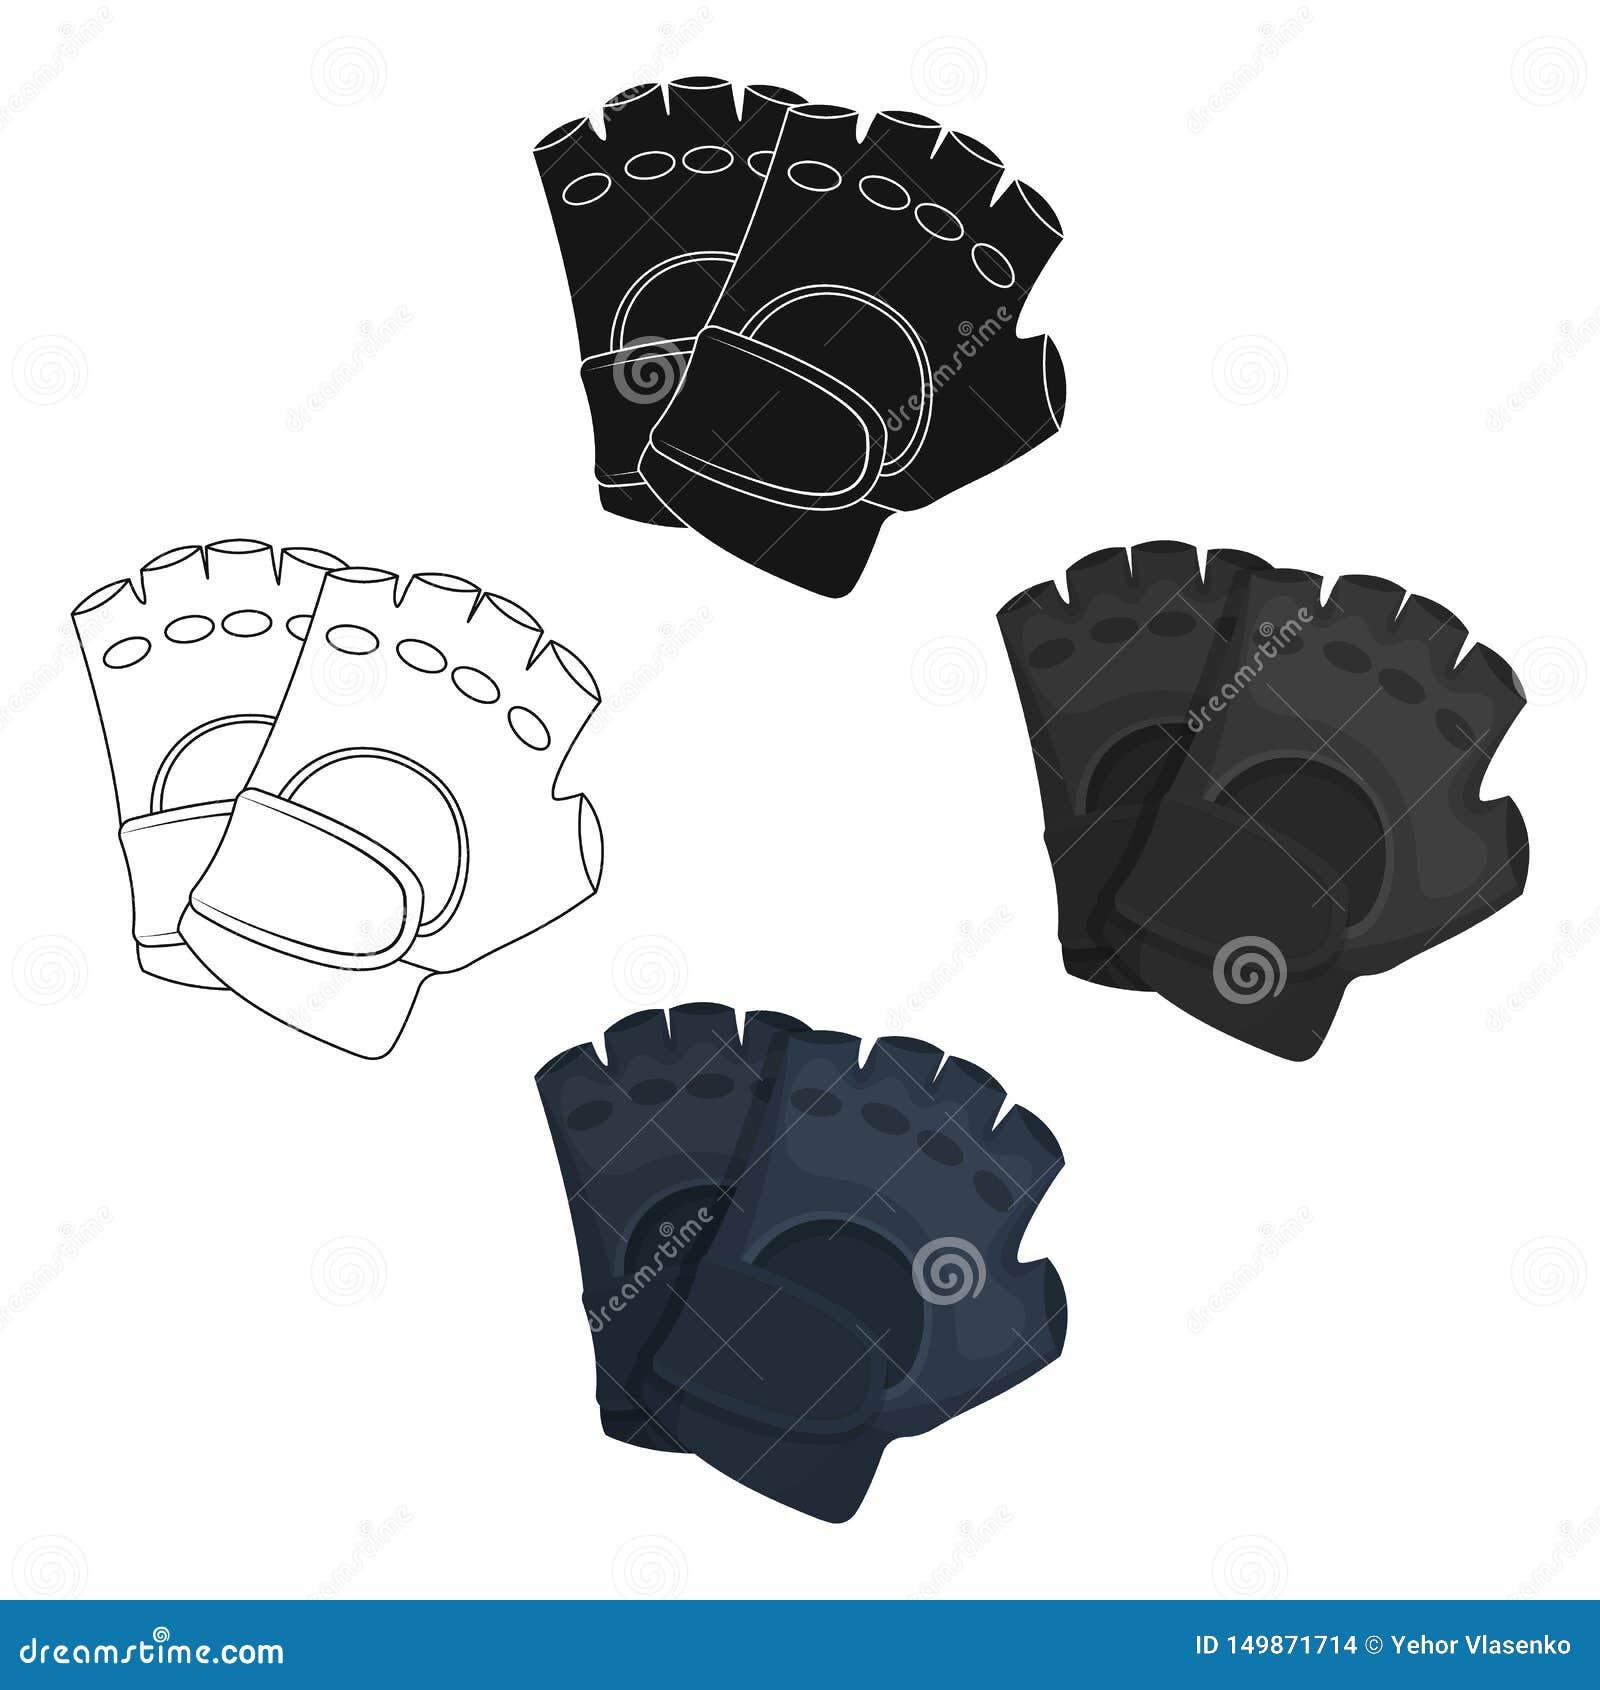 防护手套 在动画片,黑样式传染媒介标志股票例证网的迷彩漆弹运动唯一象